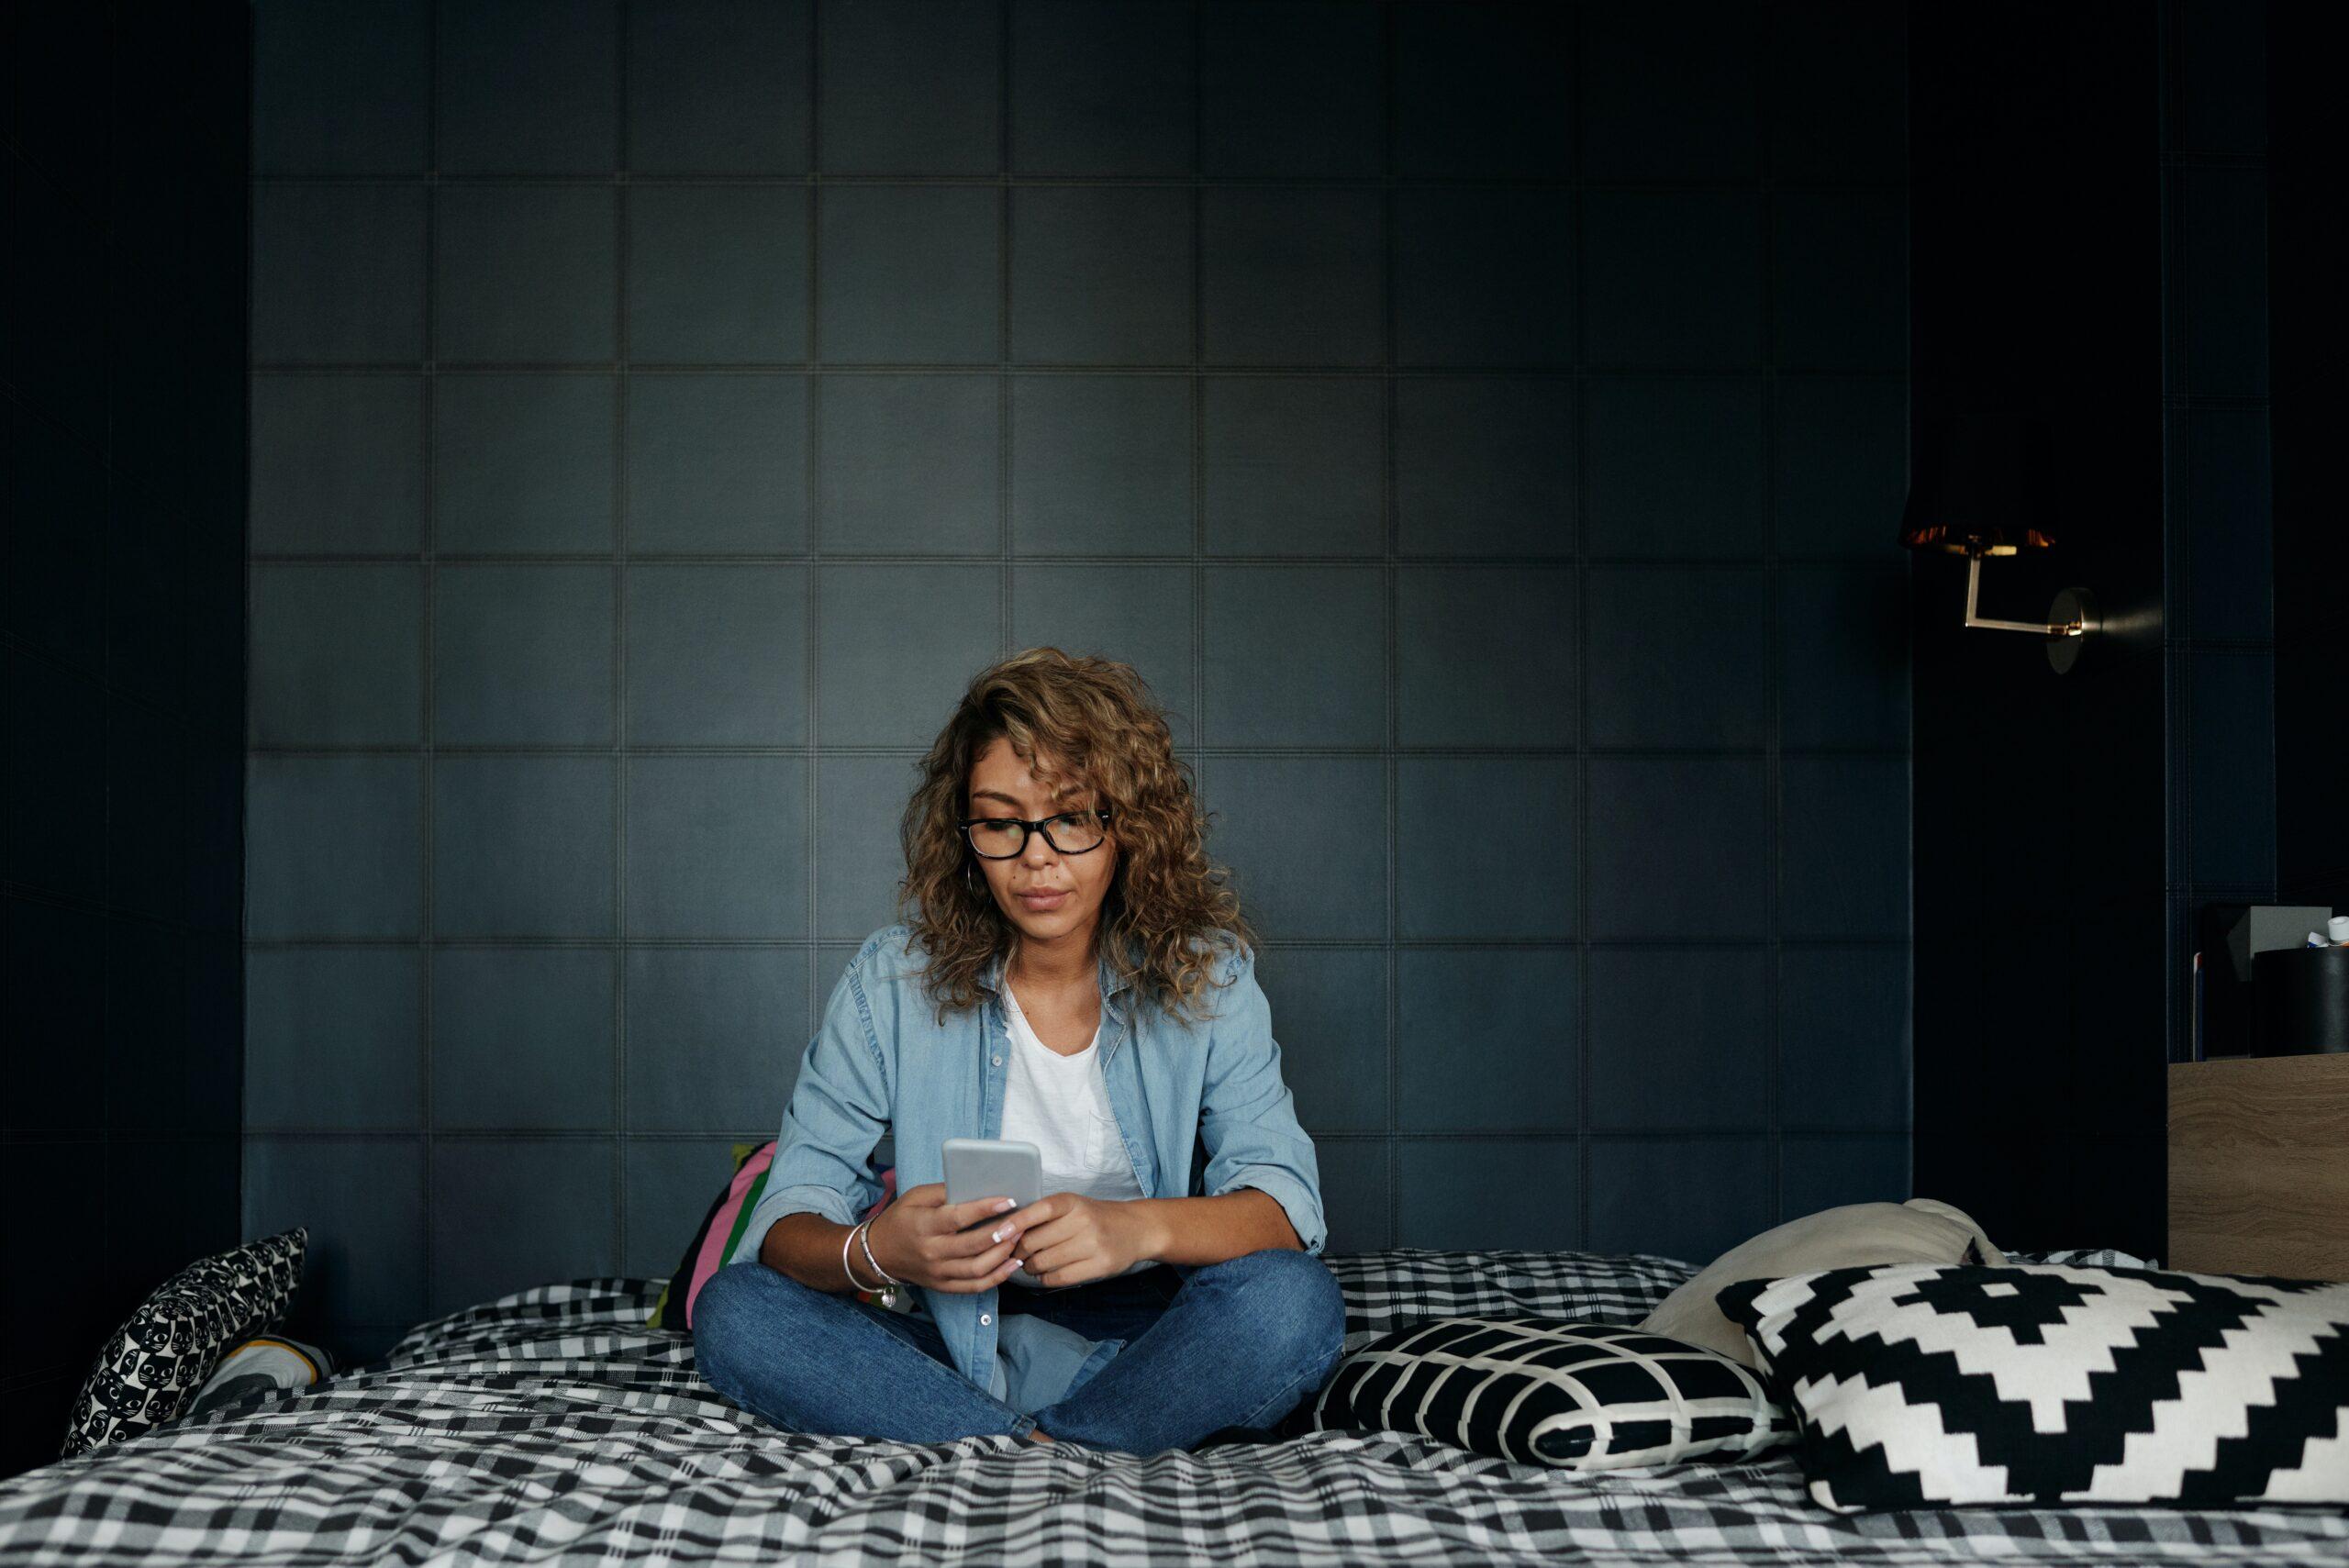 társkeresés, elvált, kapcsolat, online randi, online, online társkeresésbe